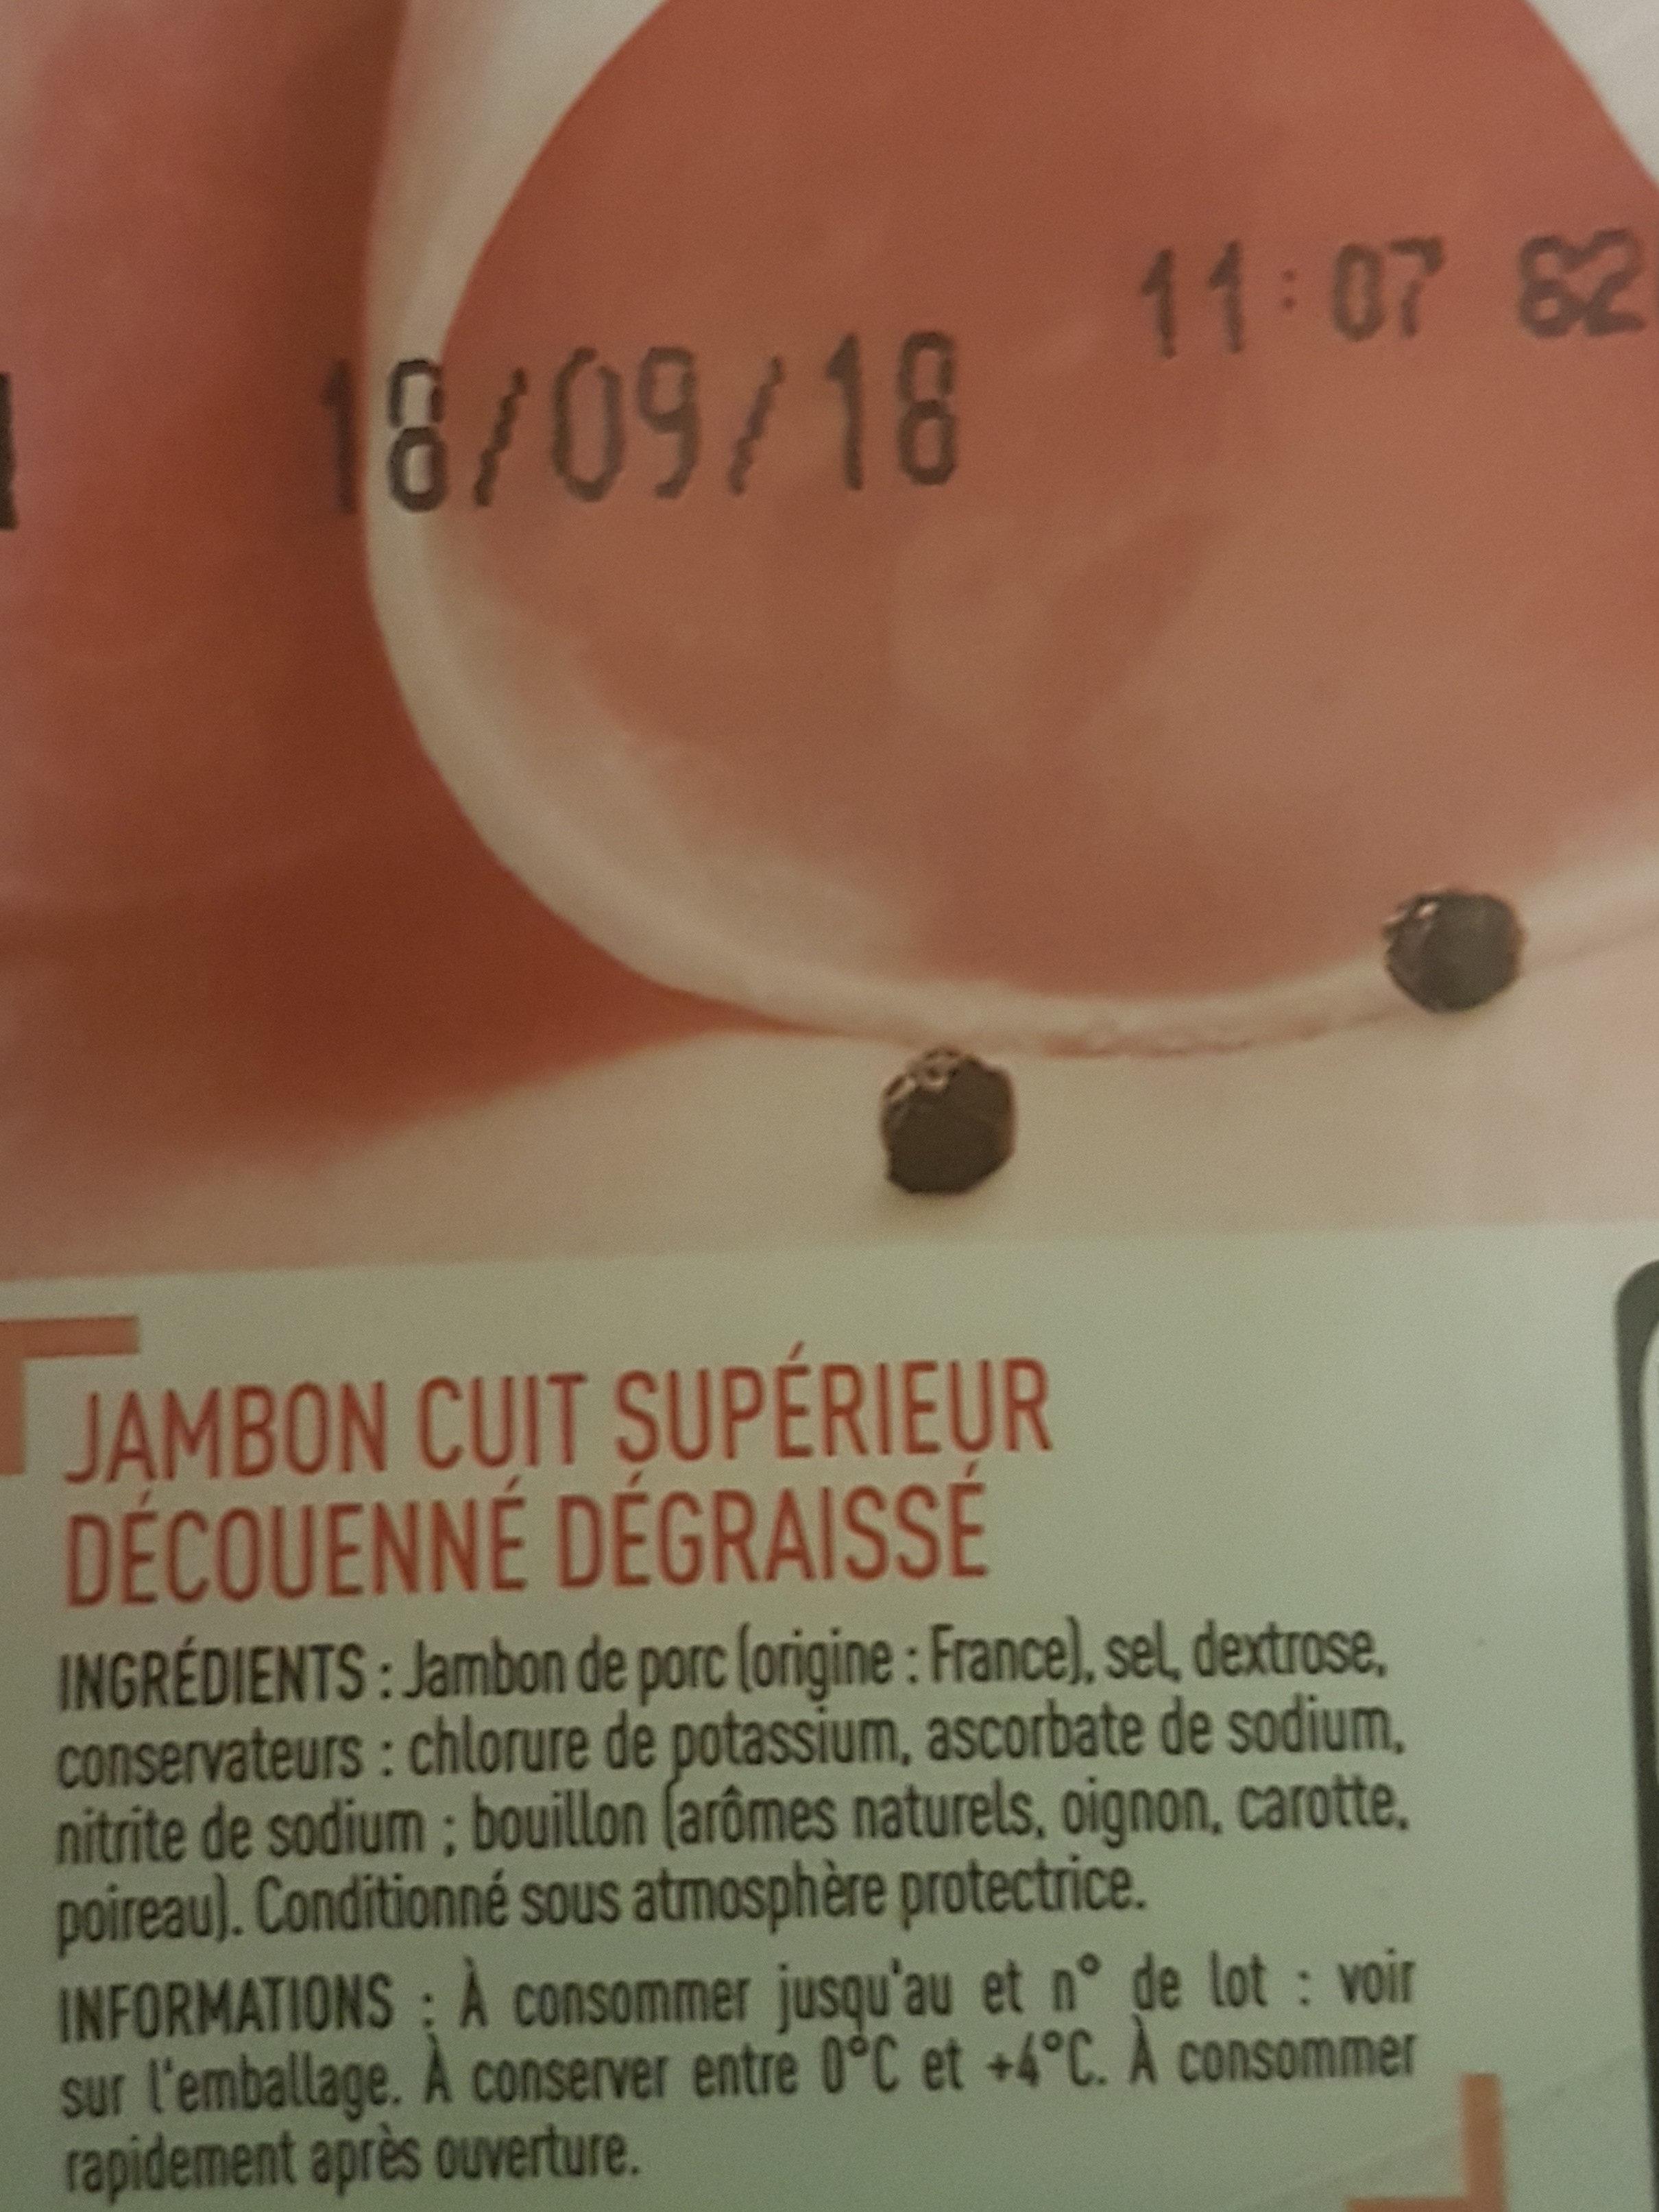 Jambon cuit supérieur (25% de sel en moins) - Ingrédients